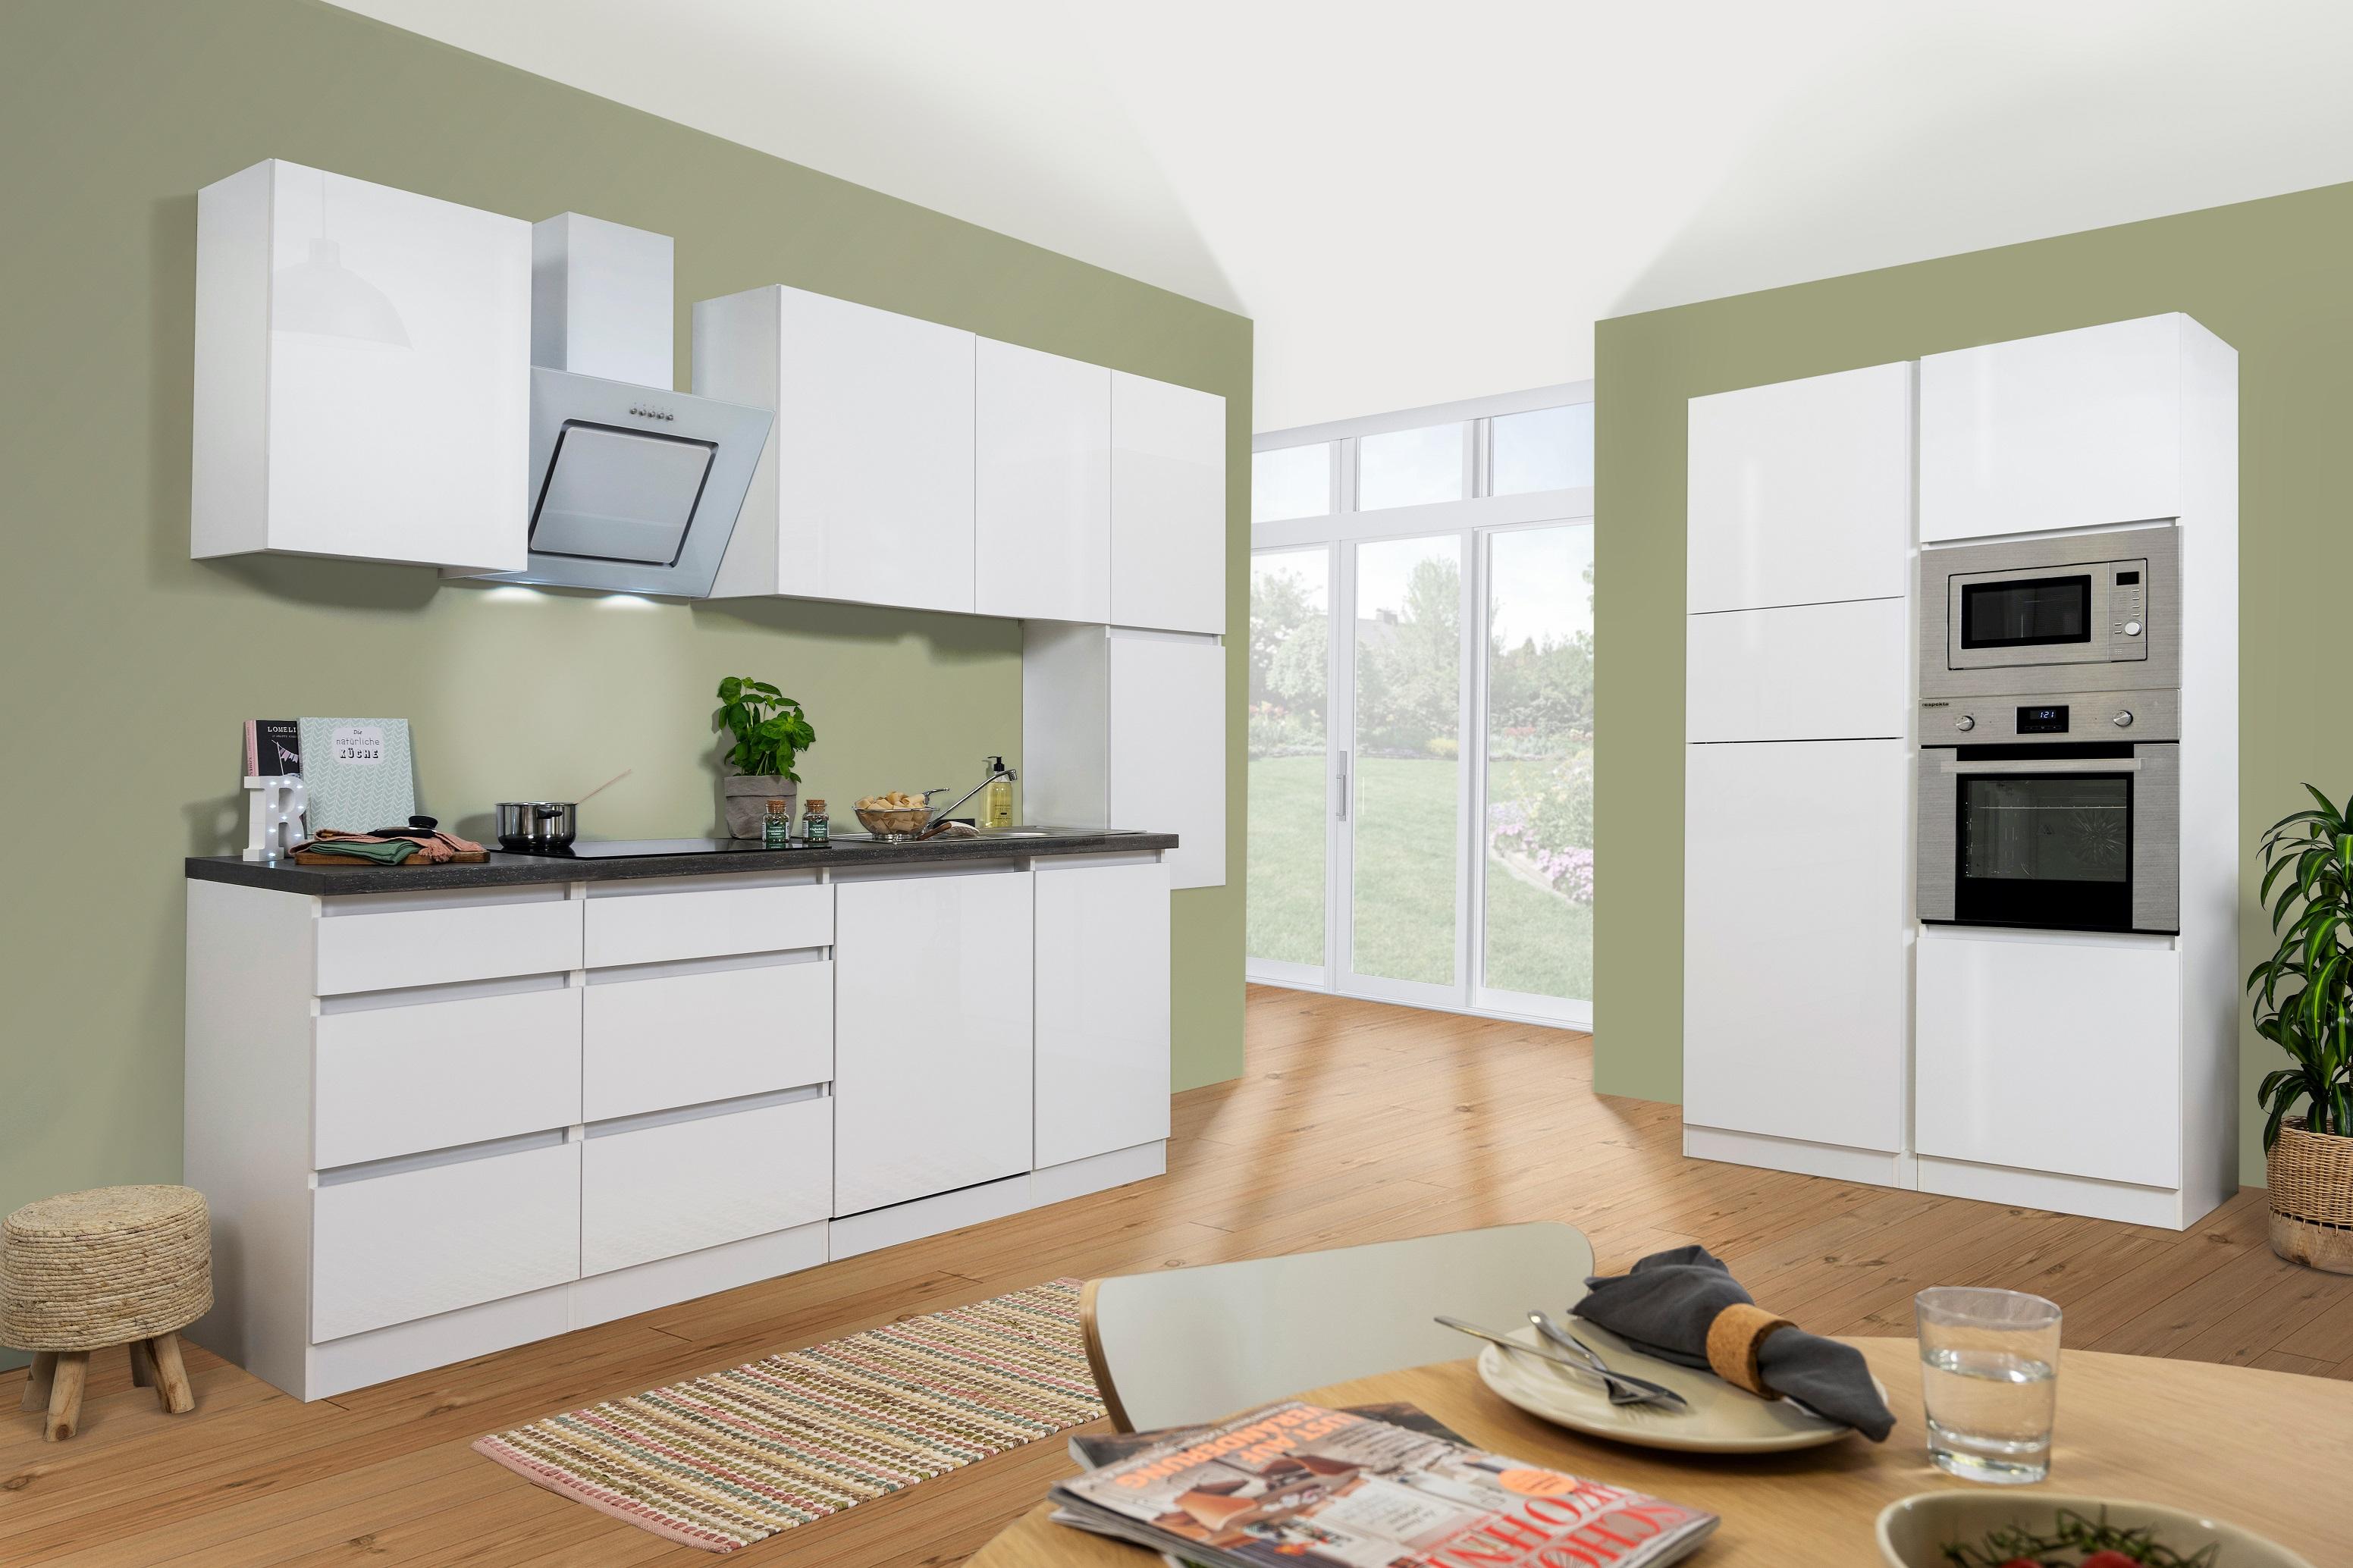 respekta Küchenzeile Küche Küchenblock grifflose Küche Einbauküche 395 cm weiß